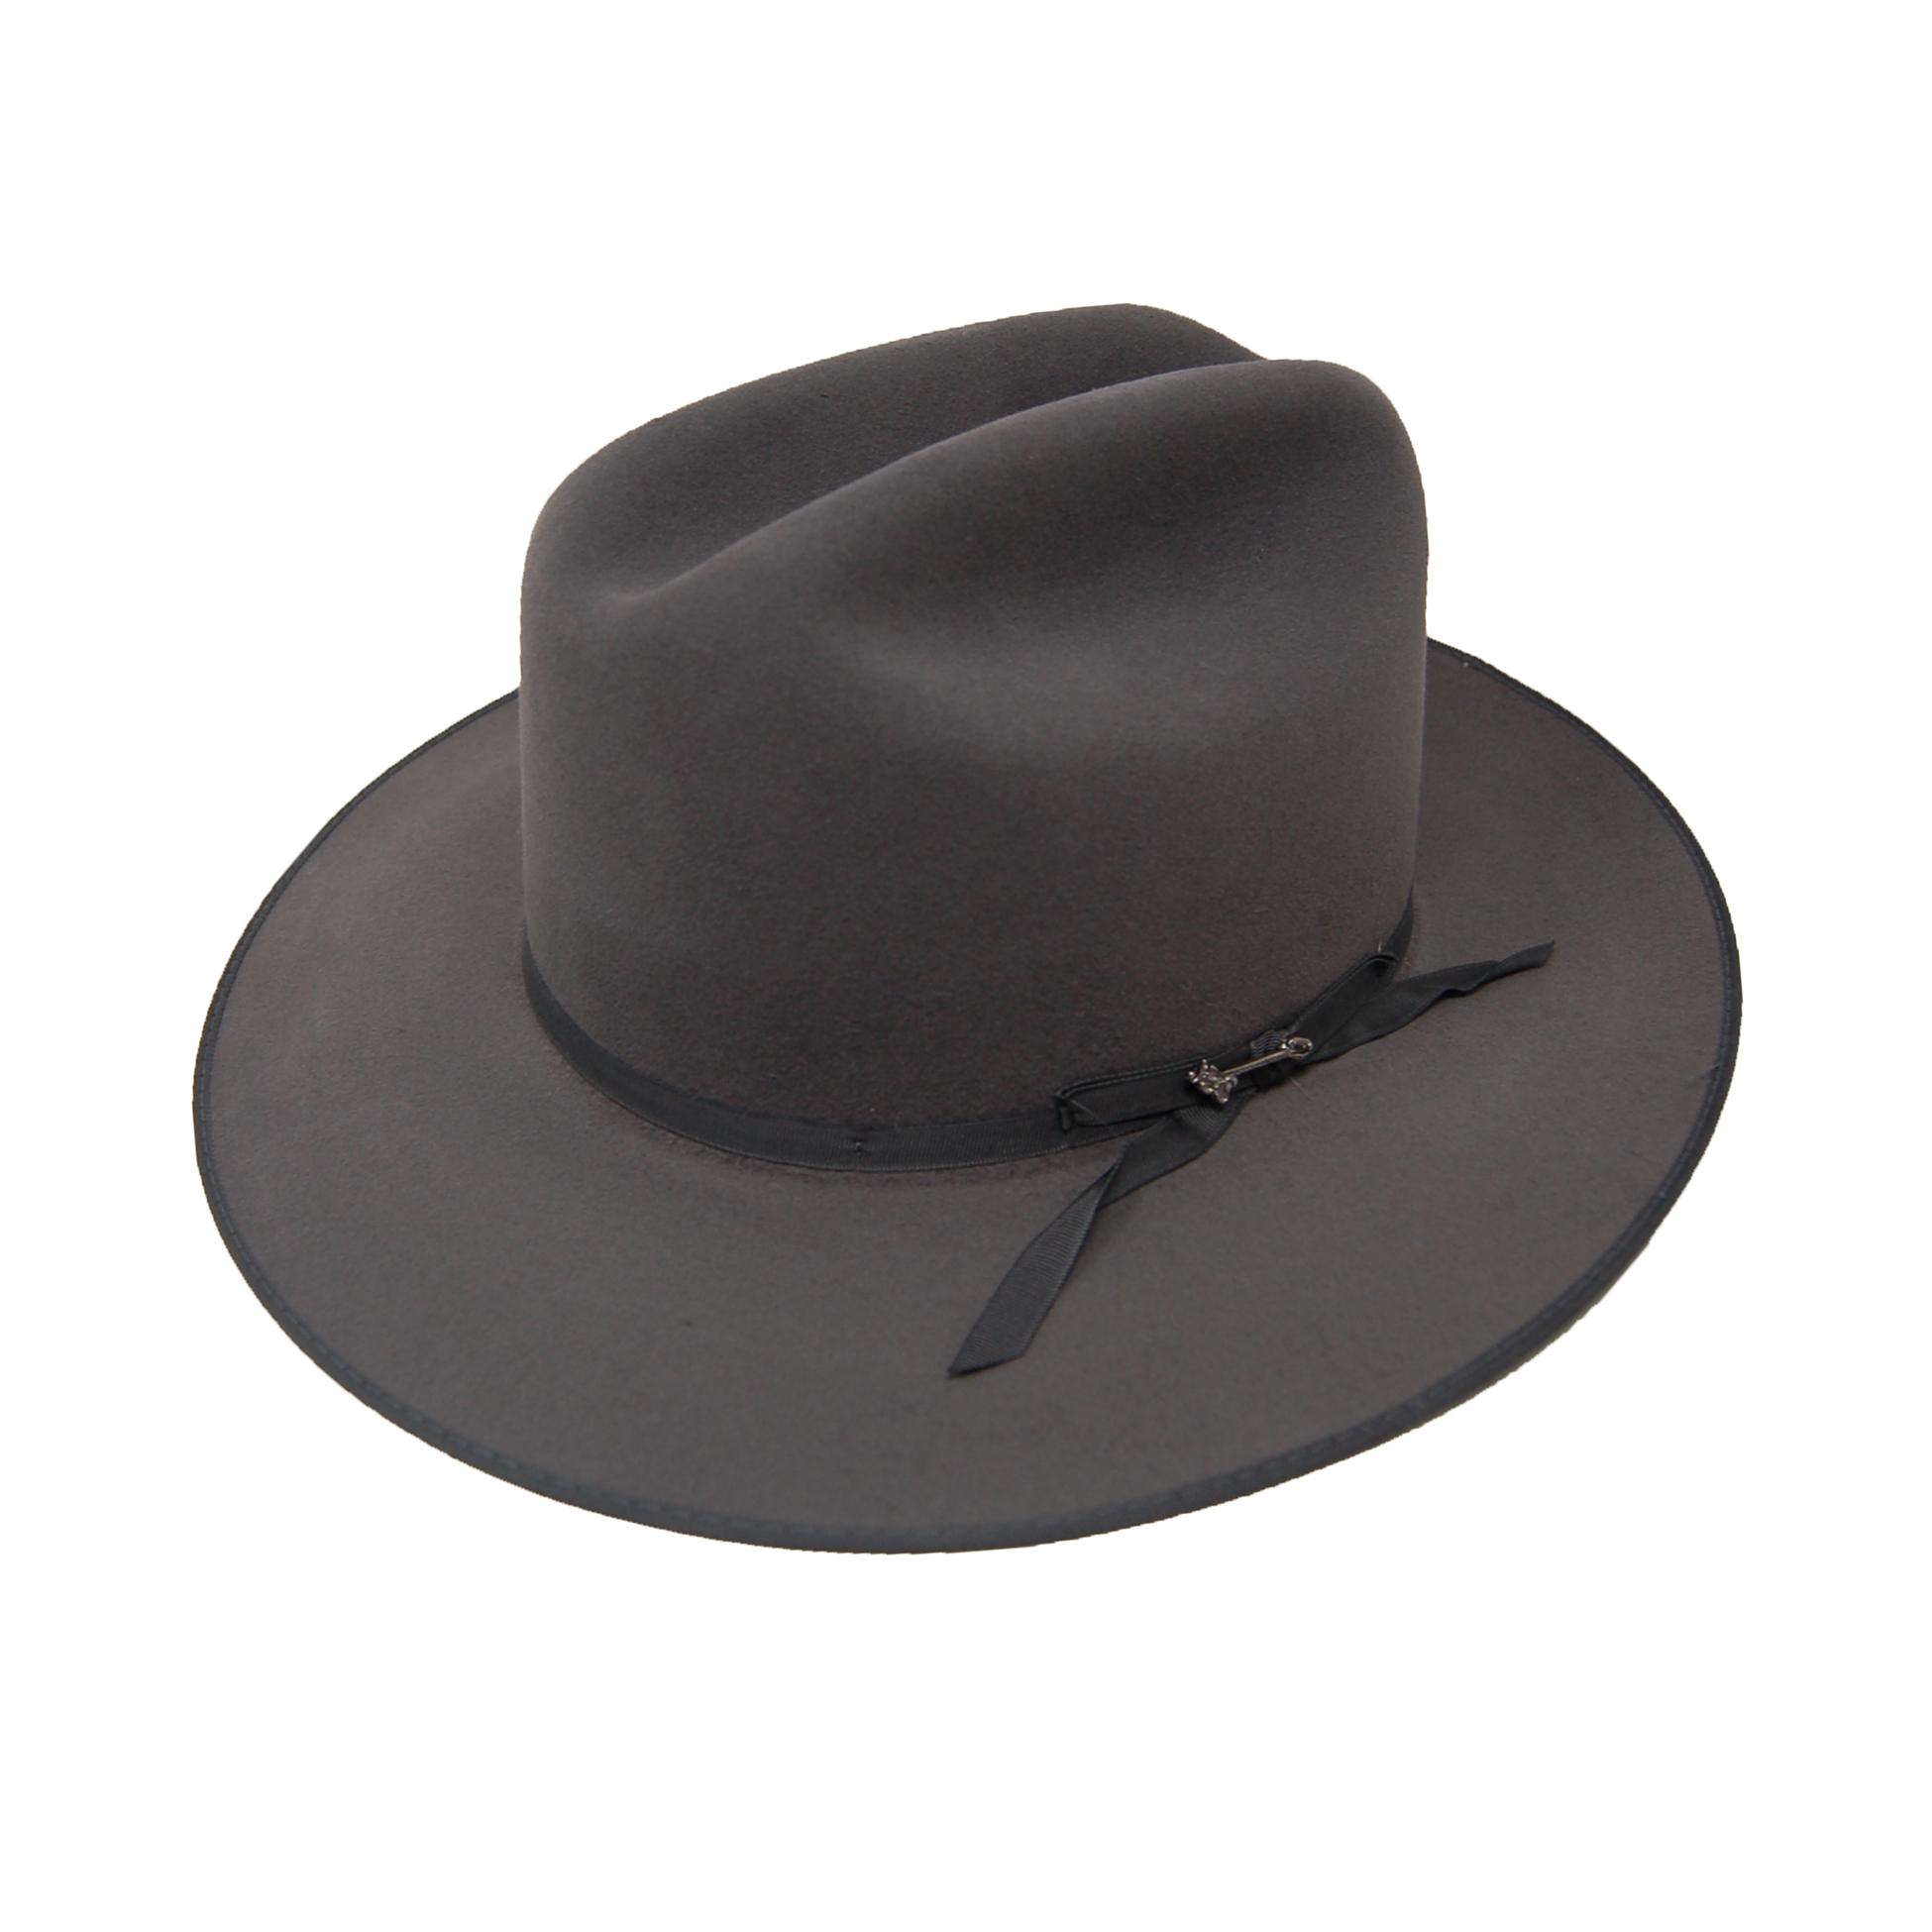 1327463c95b482 Stetson Open Road Fur Felt Hat: DelMonico Hatter